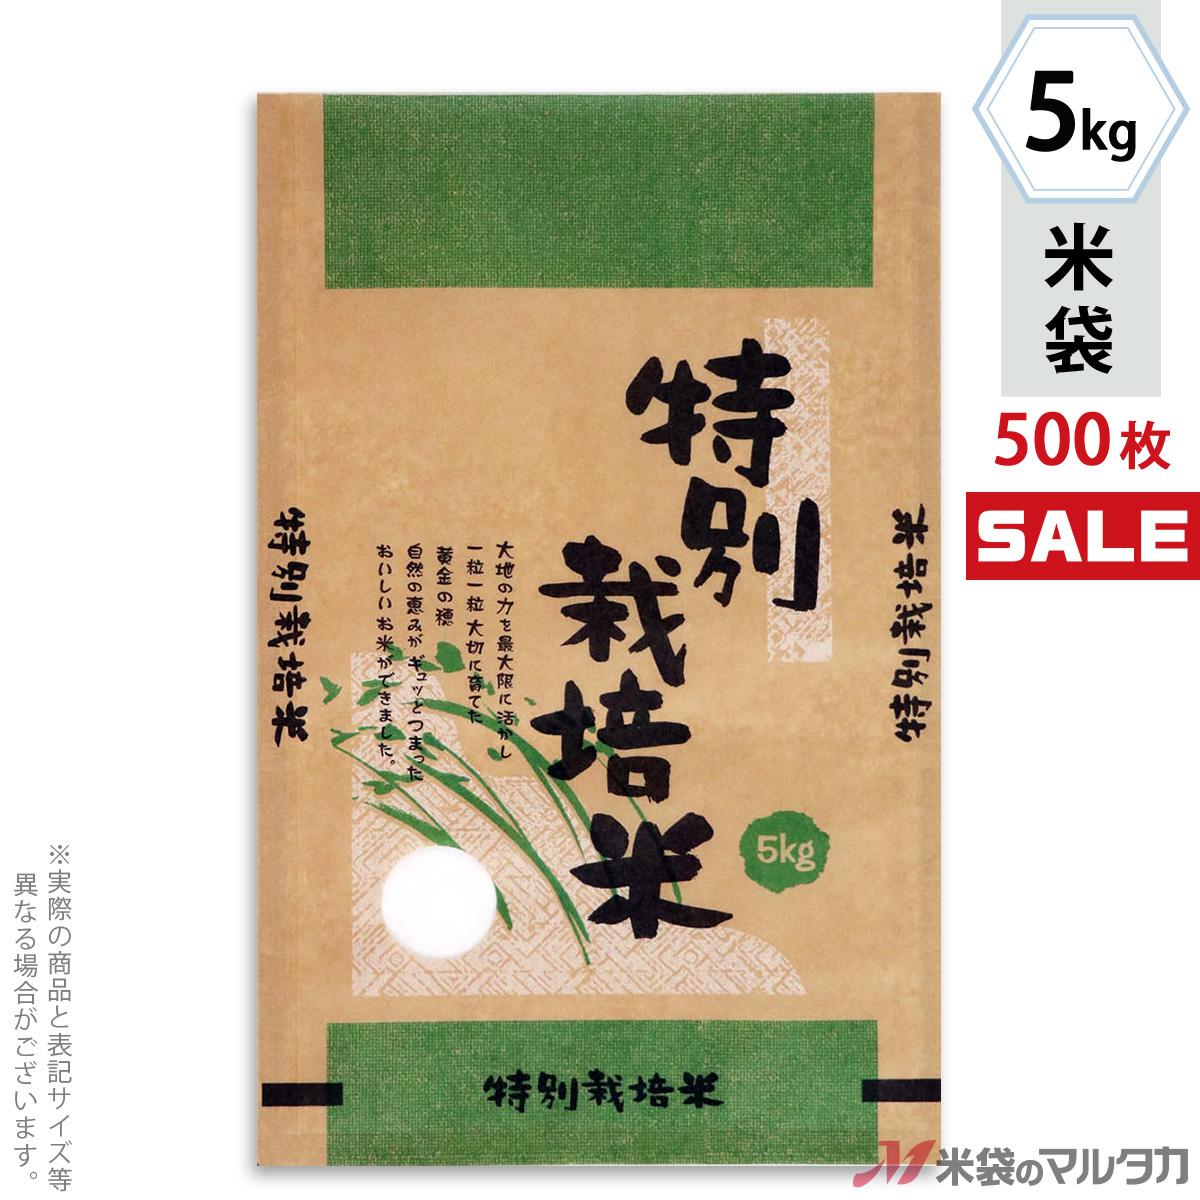 <キャンペーン対応>米袋 クラフト フレブレス 特別栽培米 土の力 5kg 1ケース(500枚入) MC-3320